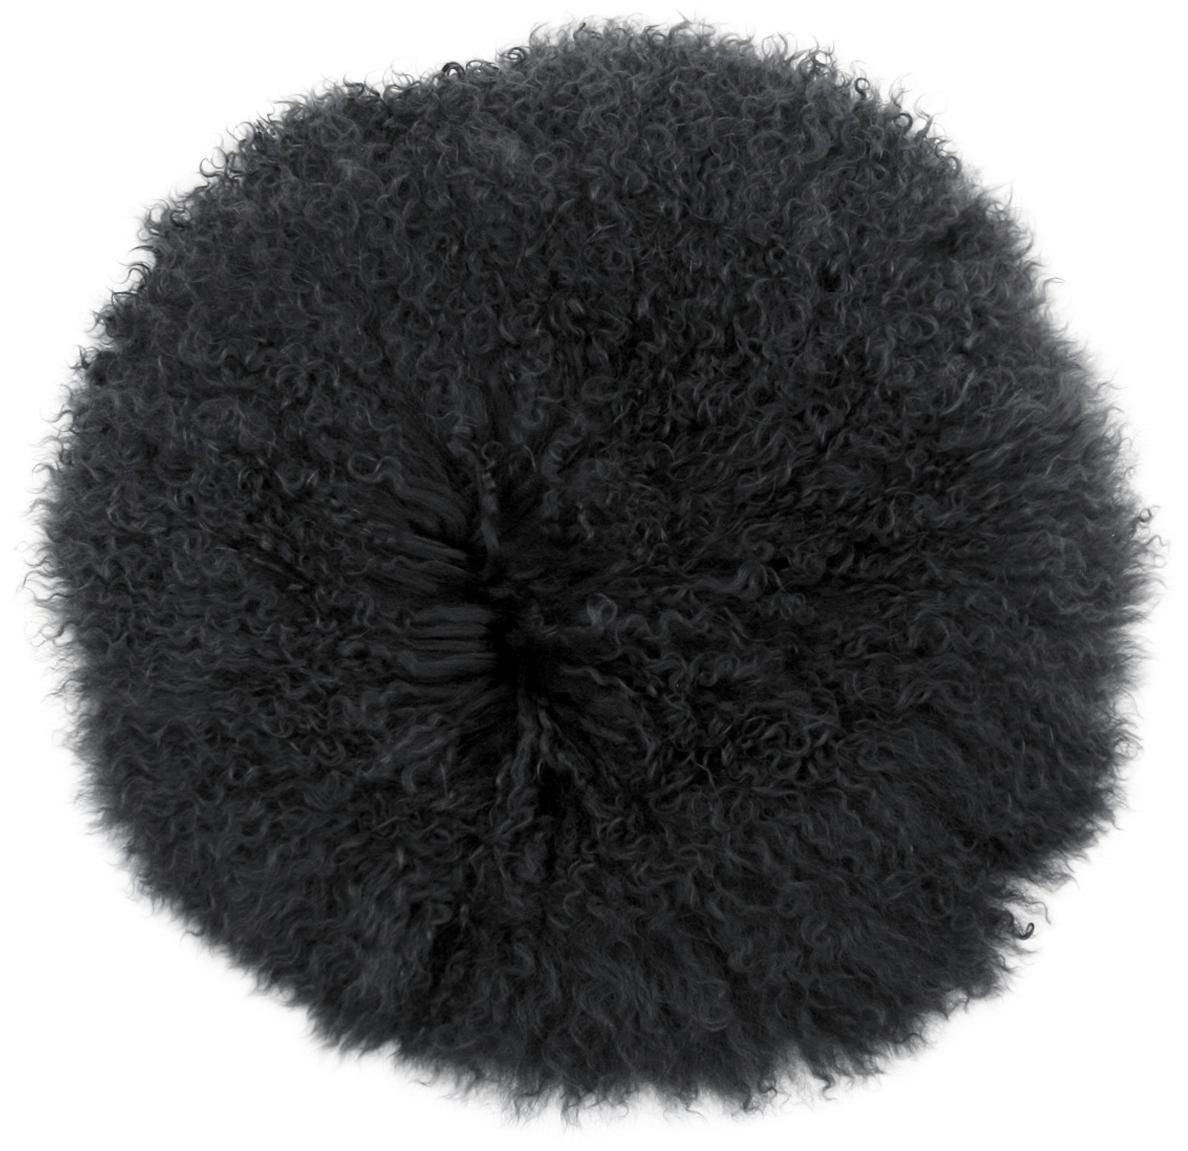 Zitkussen van langharige schapenvacht Ella, Bovenzijde: 100% Mongoolse schapenvac, Onderzijde: 100% polyester, Donkergrijs, Ø 37 cm